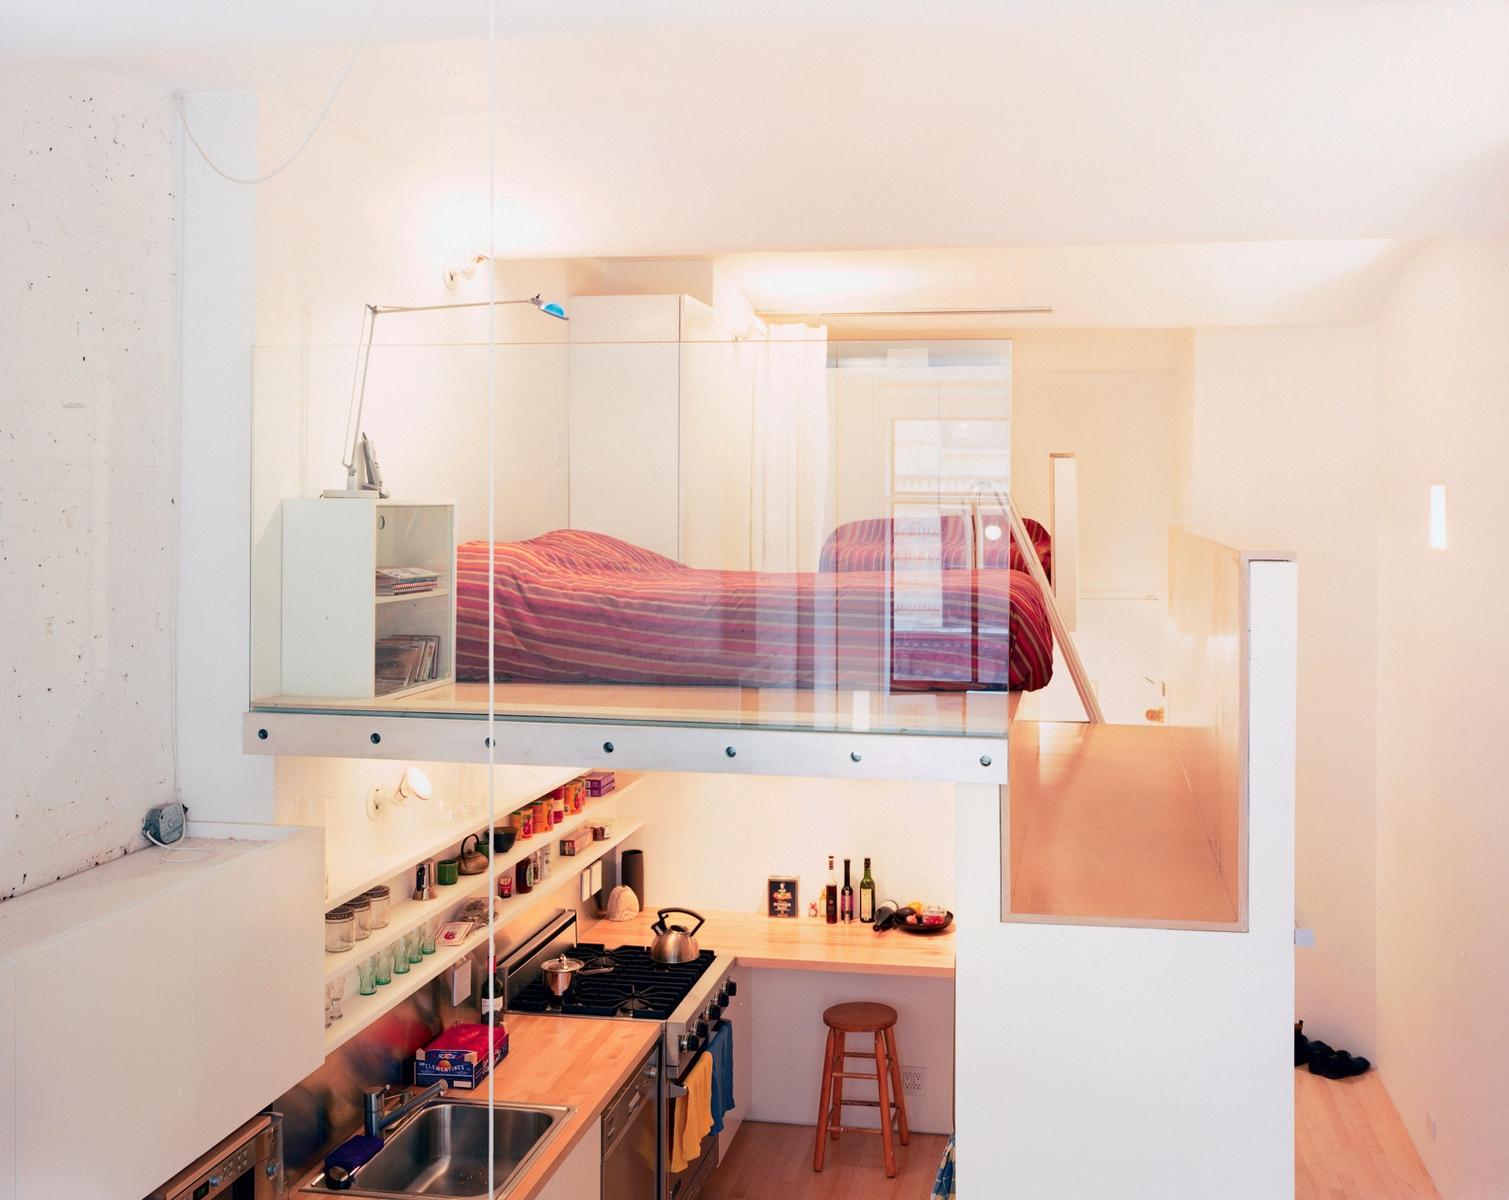 space saving beds bedrooms. Black Bedroom Furniture Sets. Home Design Ideas